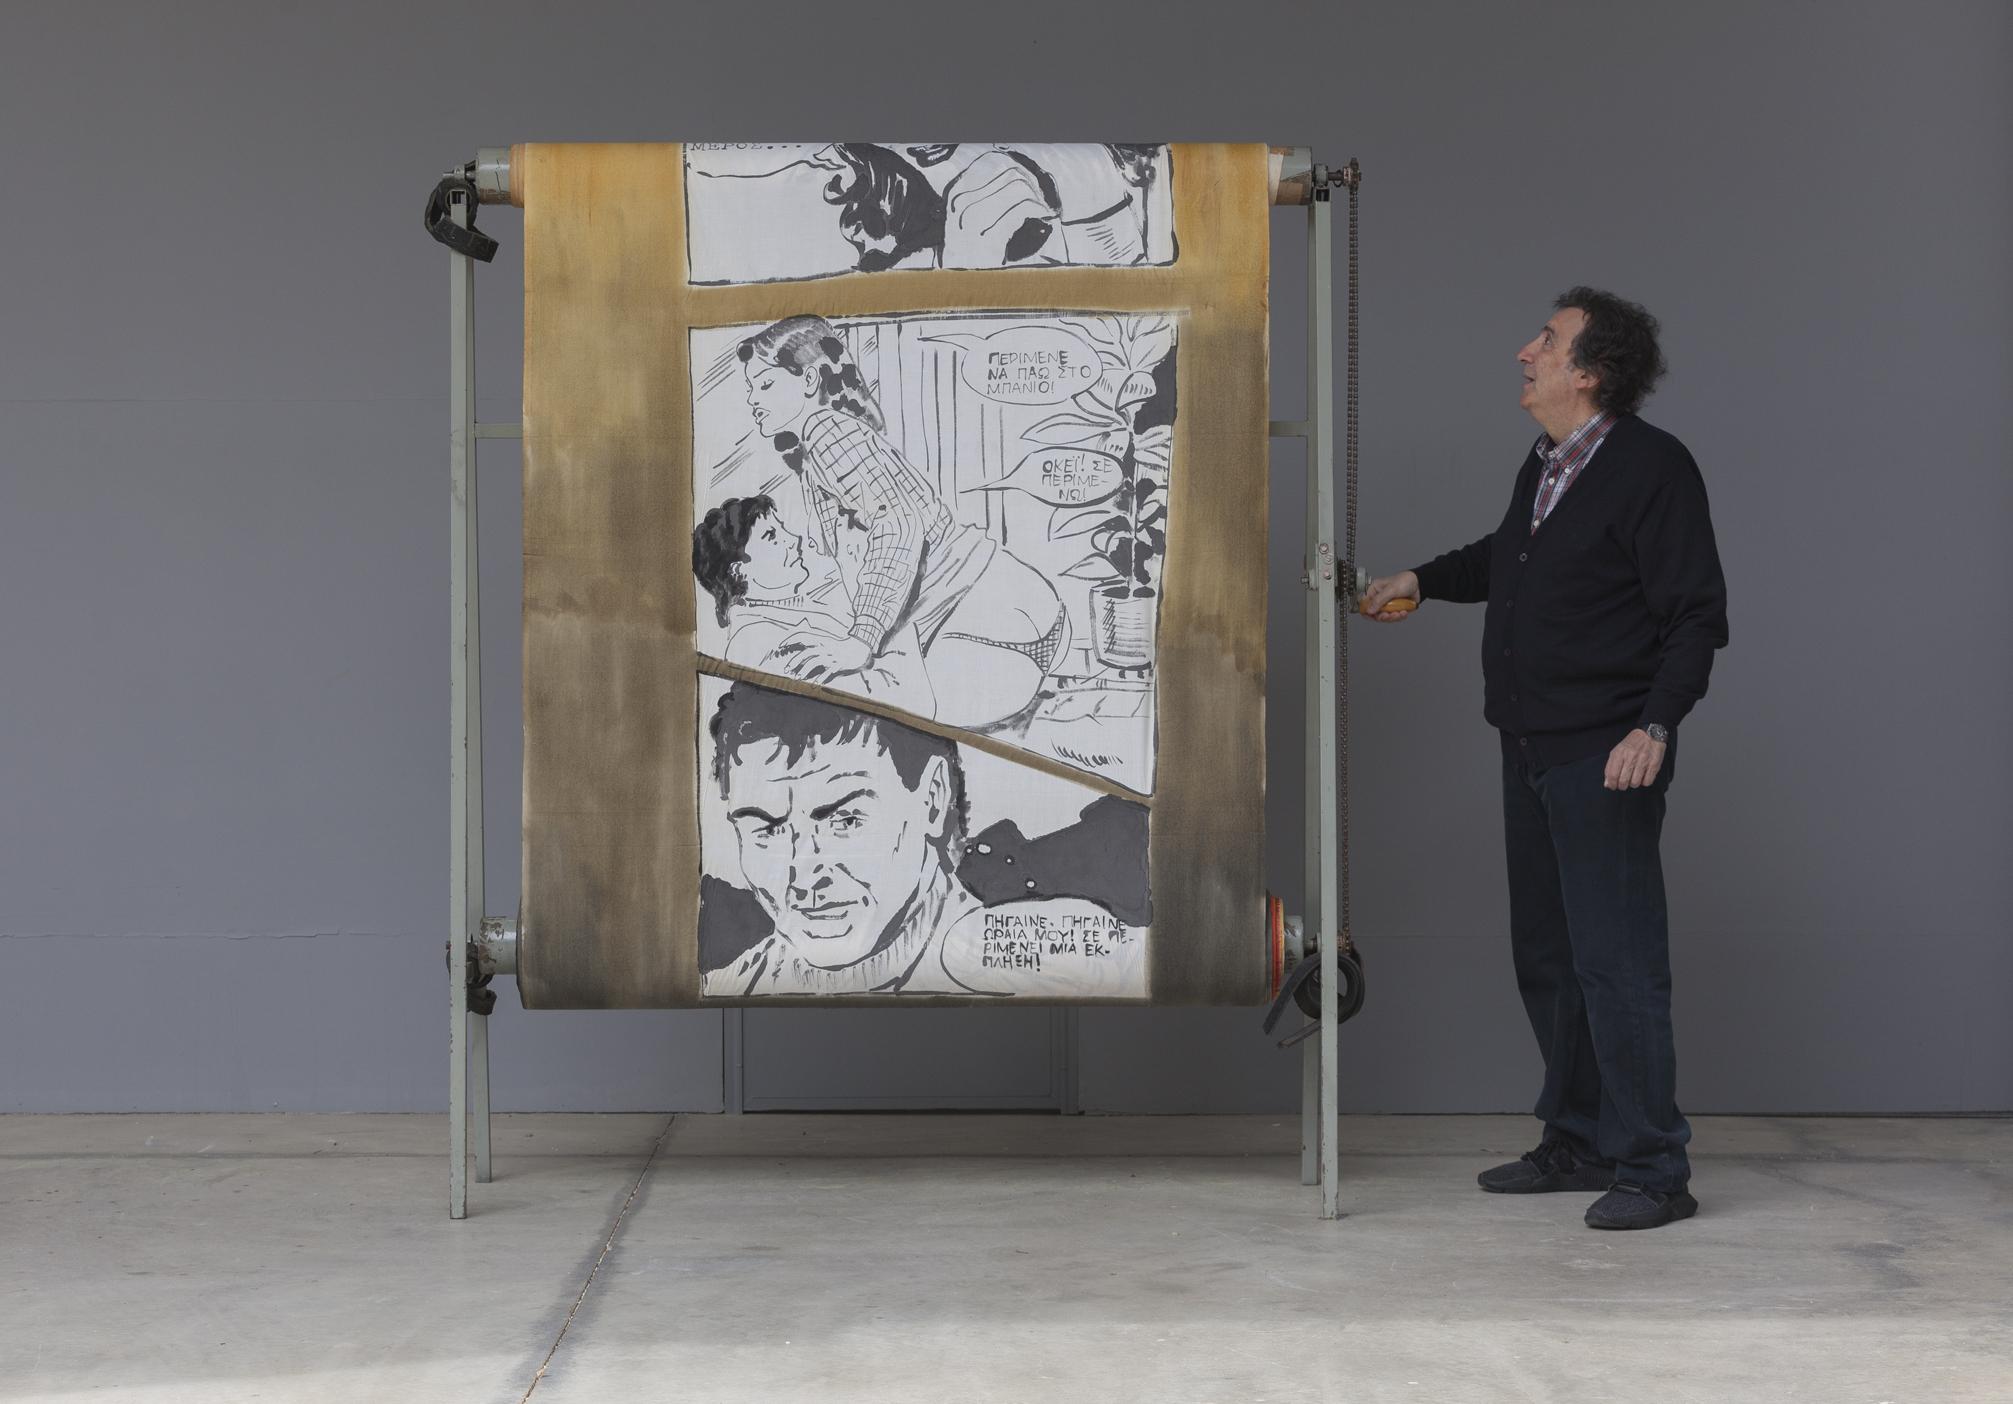 Άγγελος Παπαδημητρίου , Farewell Art , 1991 – 92. Σίδηρος, λάδι, ακρυλικό χρώμα και καμβάς , 210 x 170 cm . Ευγενική παραχώρηση Συλλογή Δ.Δασκαλόπουλου . Φωτο: Νίκος Μάρκου